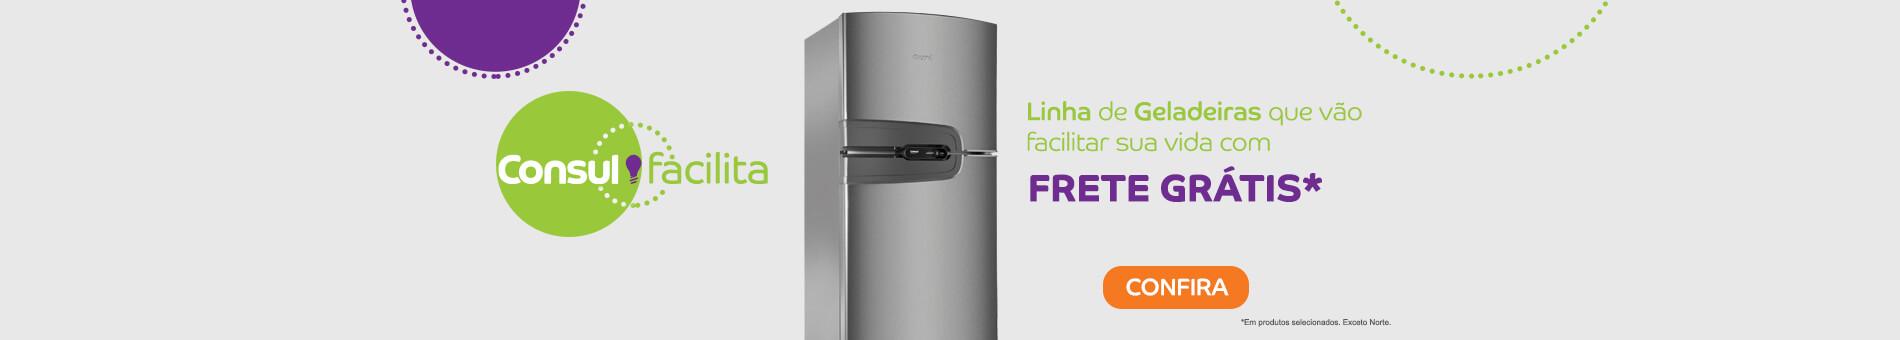 Promoção Interna - 850 - consulfacilita_geladeiras_home1_26092016 - geladeiras - 1